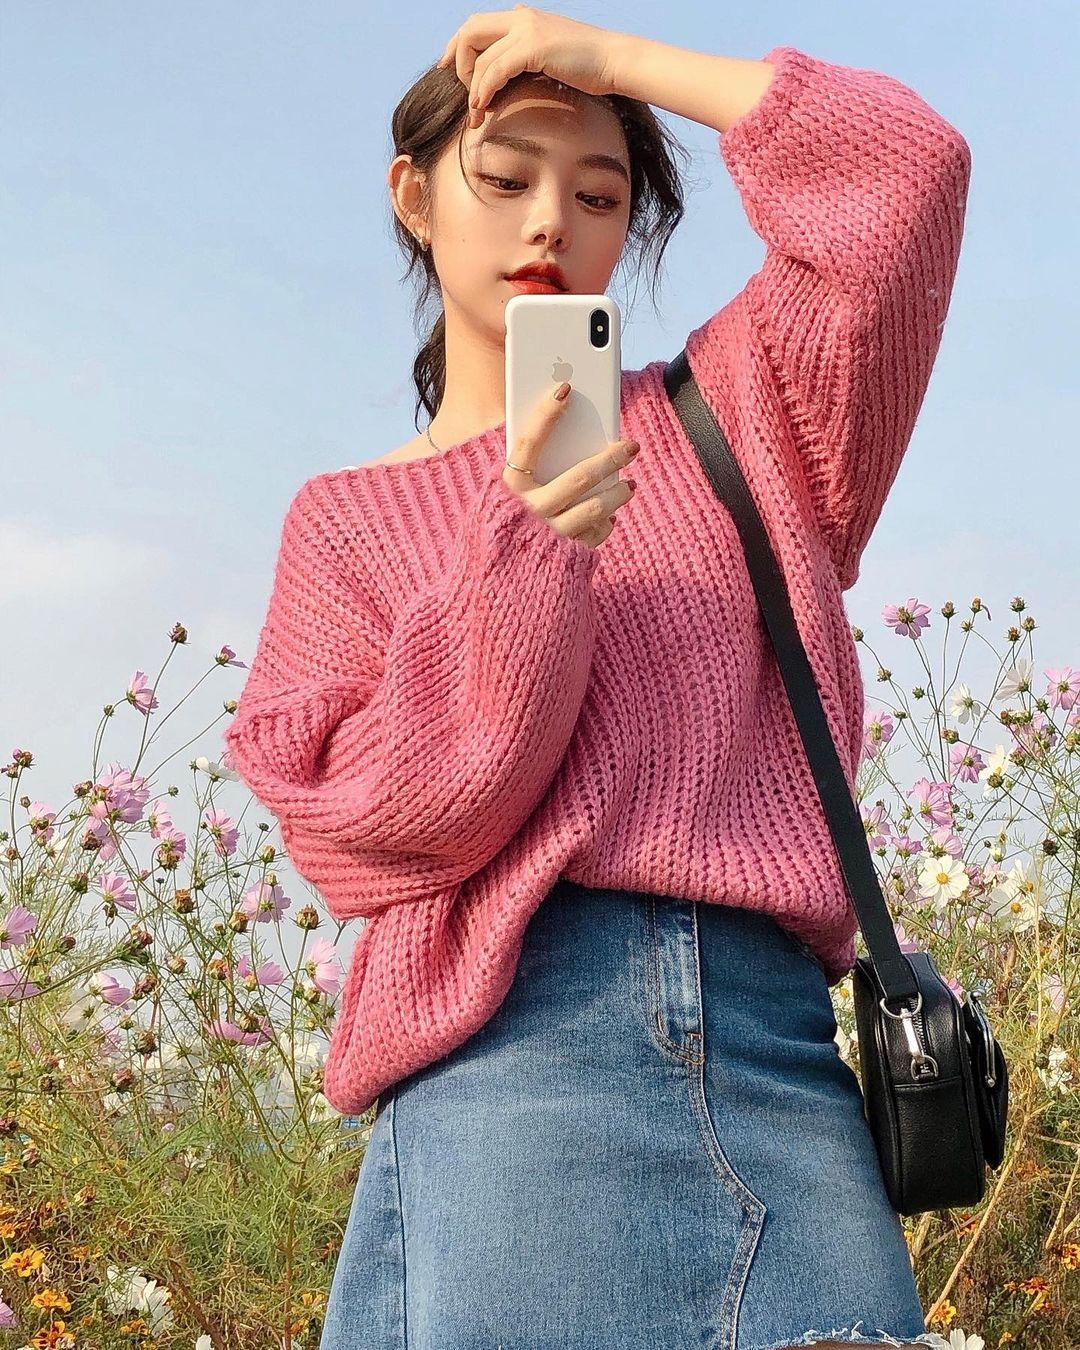 11 gợi ý lên đồ màu mè họa tiết cực xinh từ gái Hàn để bạn áp dụng  - Ảnh 6.